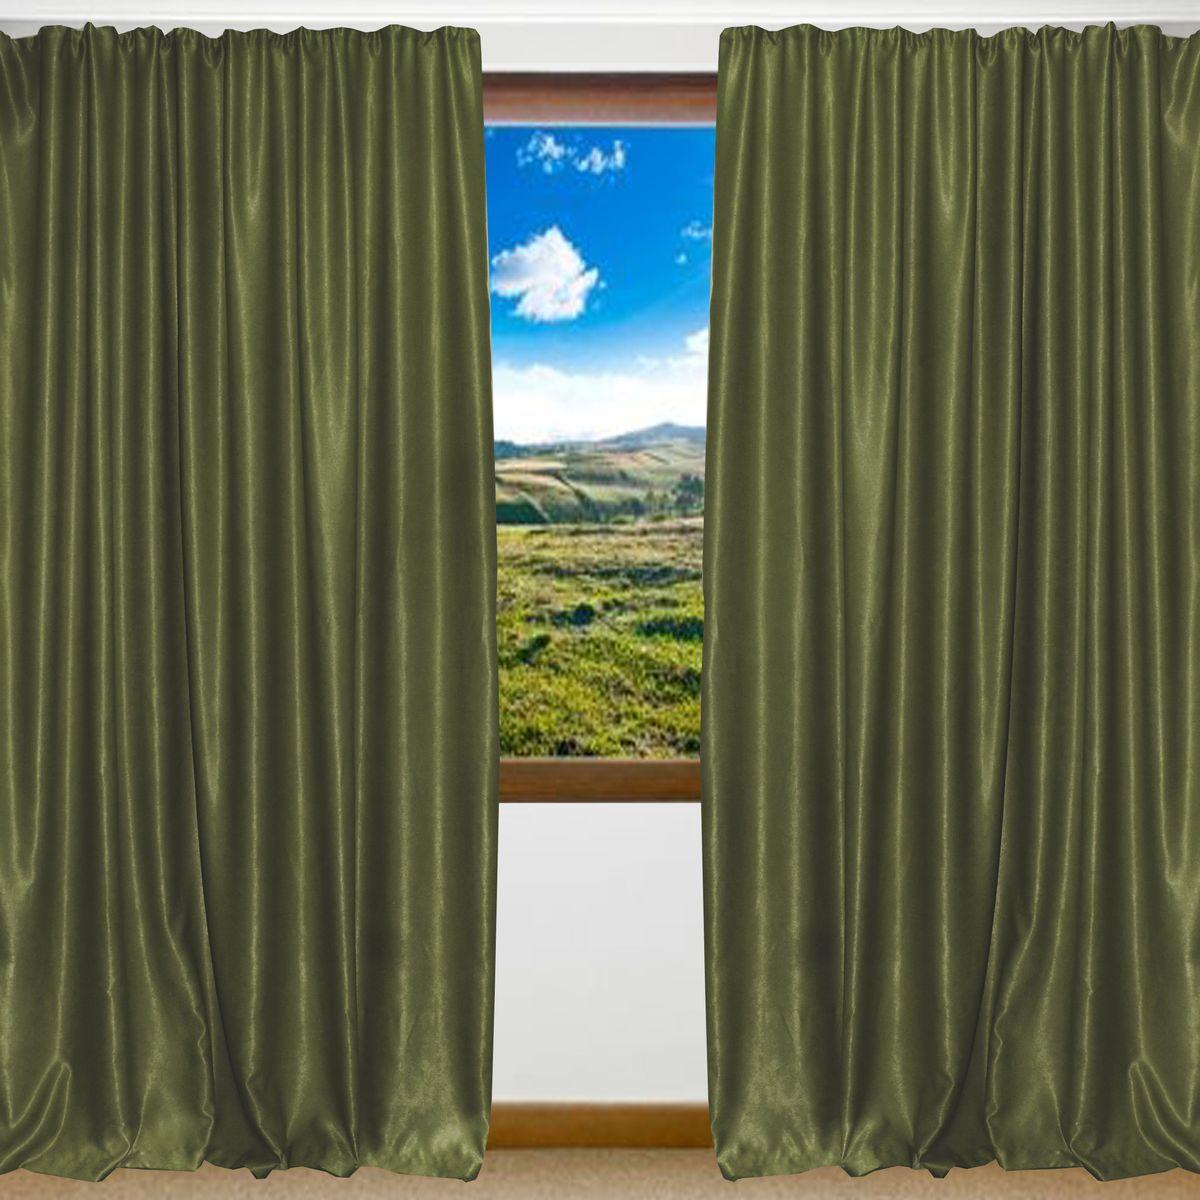 Портьеры Amore Mio Софт, цвет: зеленый, высота 270 см, 2 шт. RR 42002-1974450Портьера из мягкой плотной ворсистой ткани -софт, с благородным сатиновым бликом. Изделие на шторной ленте, готово к использованию.